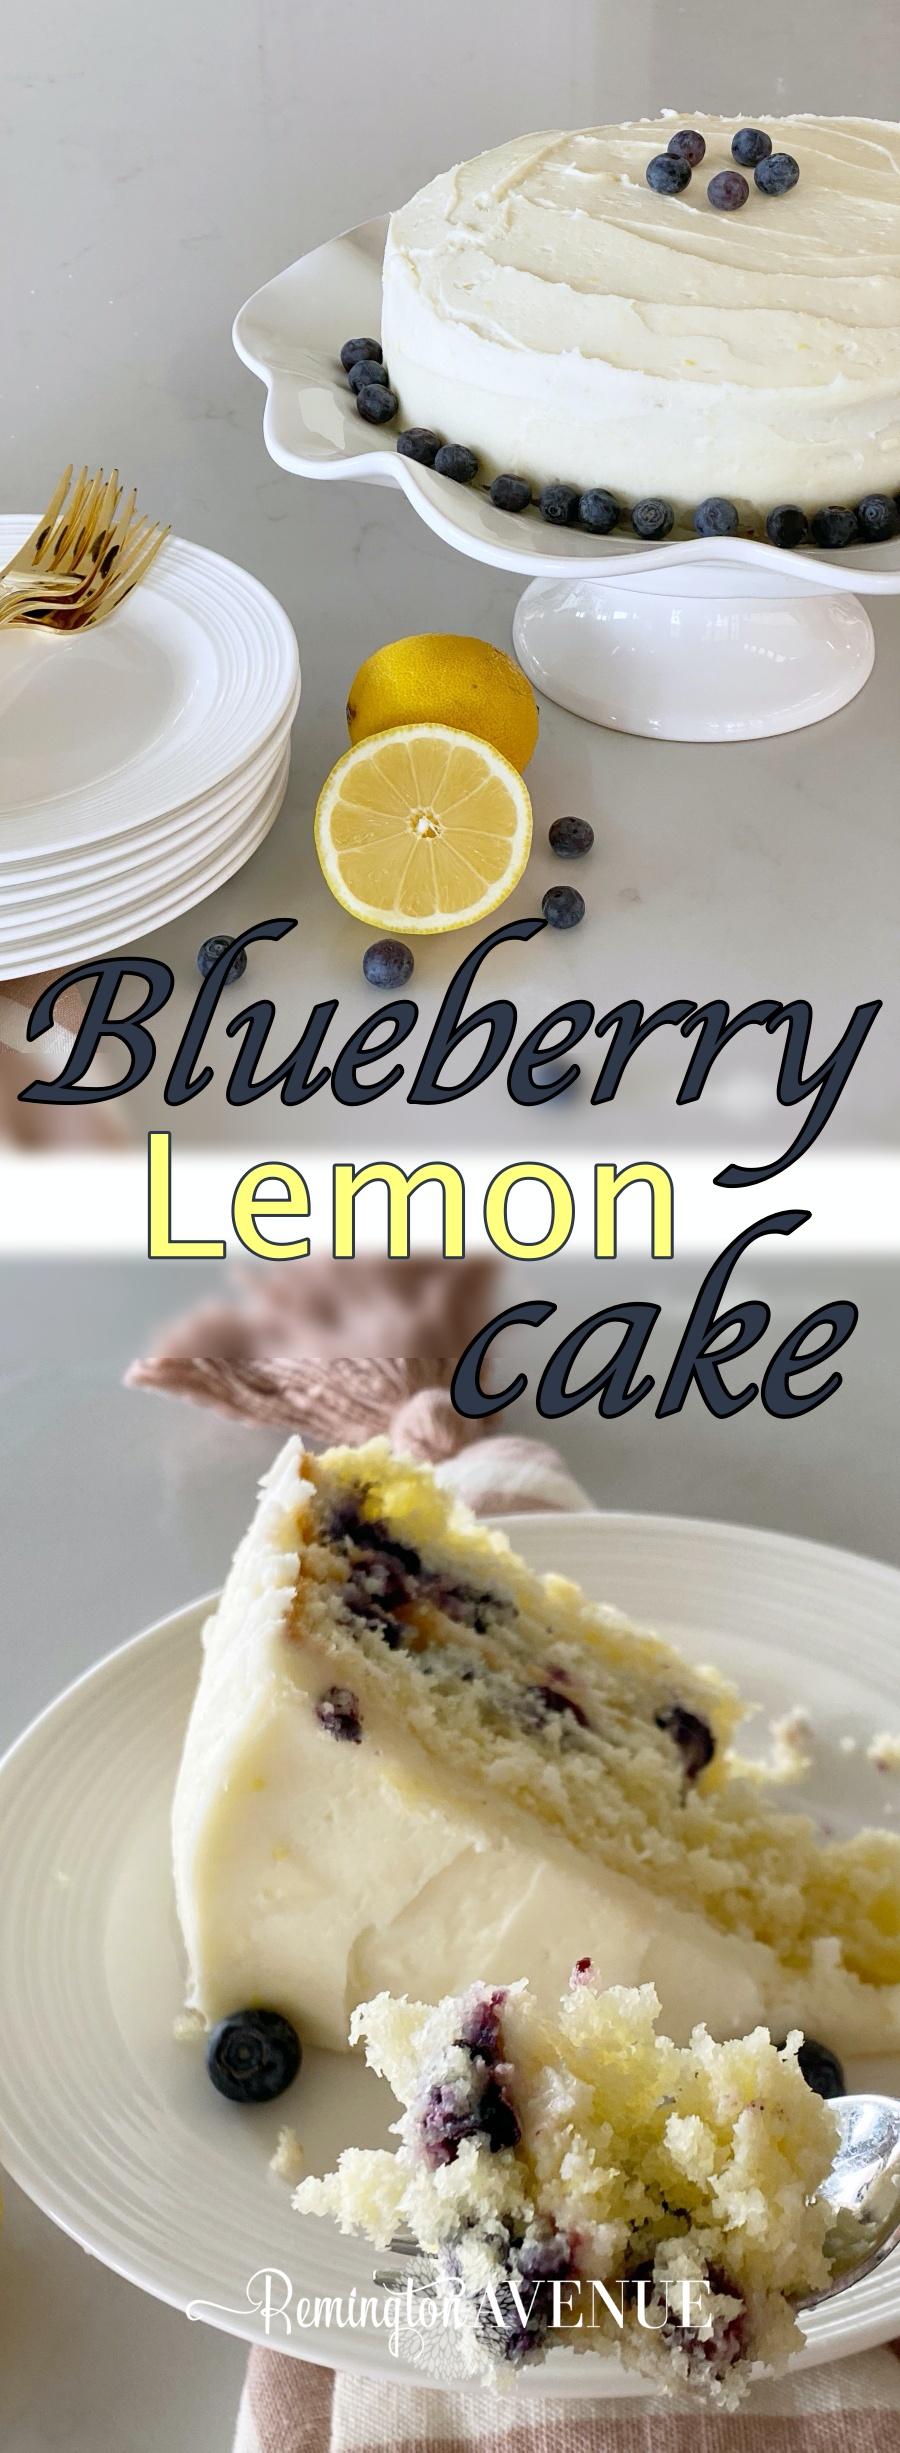 blueberry lemon cake with lemon buttercream frosting